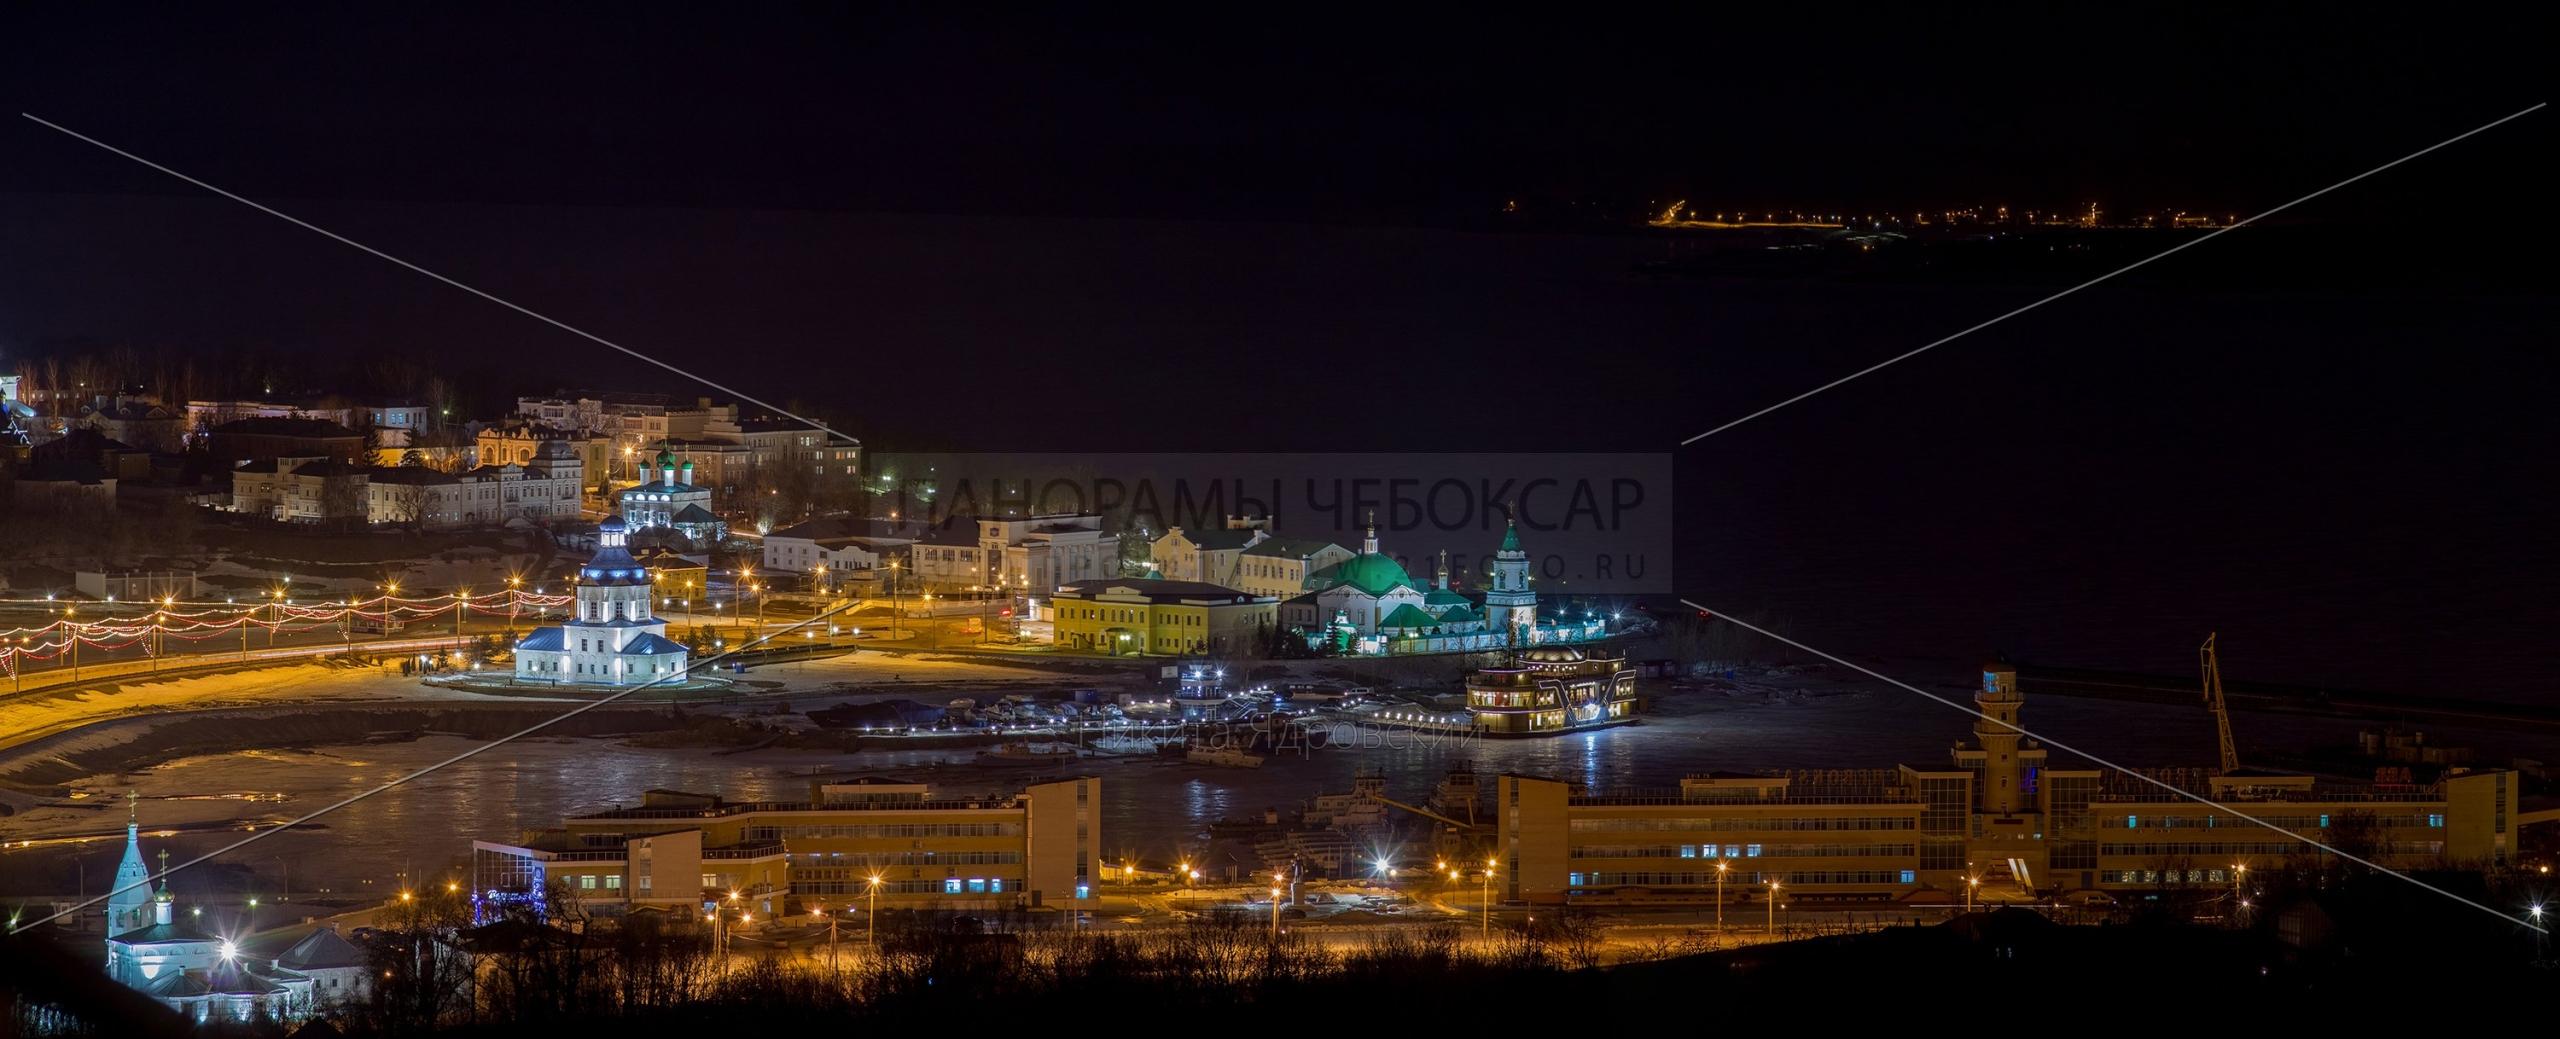 Чебоксарская бухта в начале Весны ночью